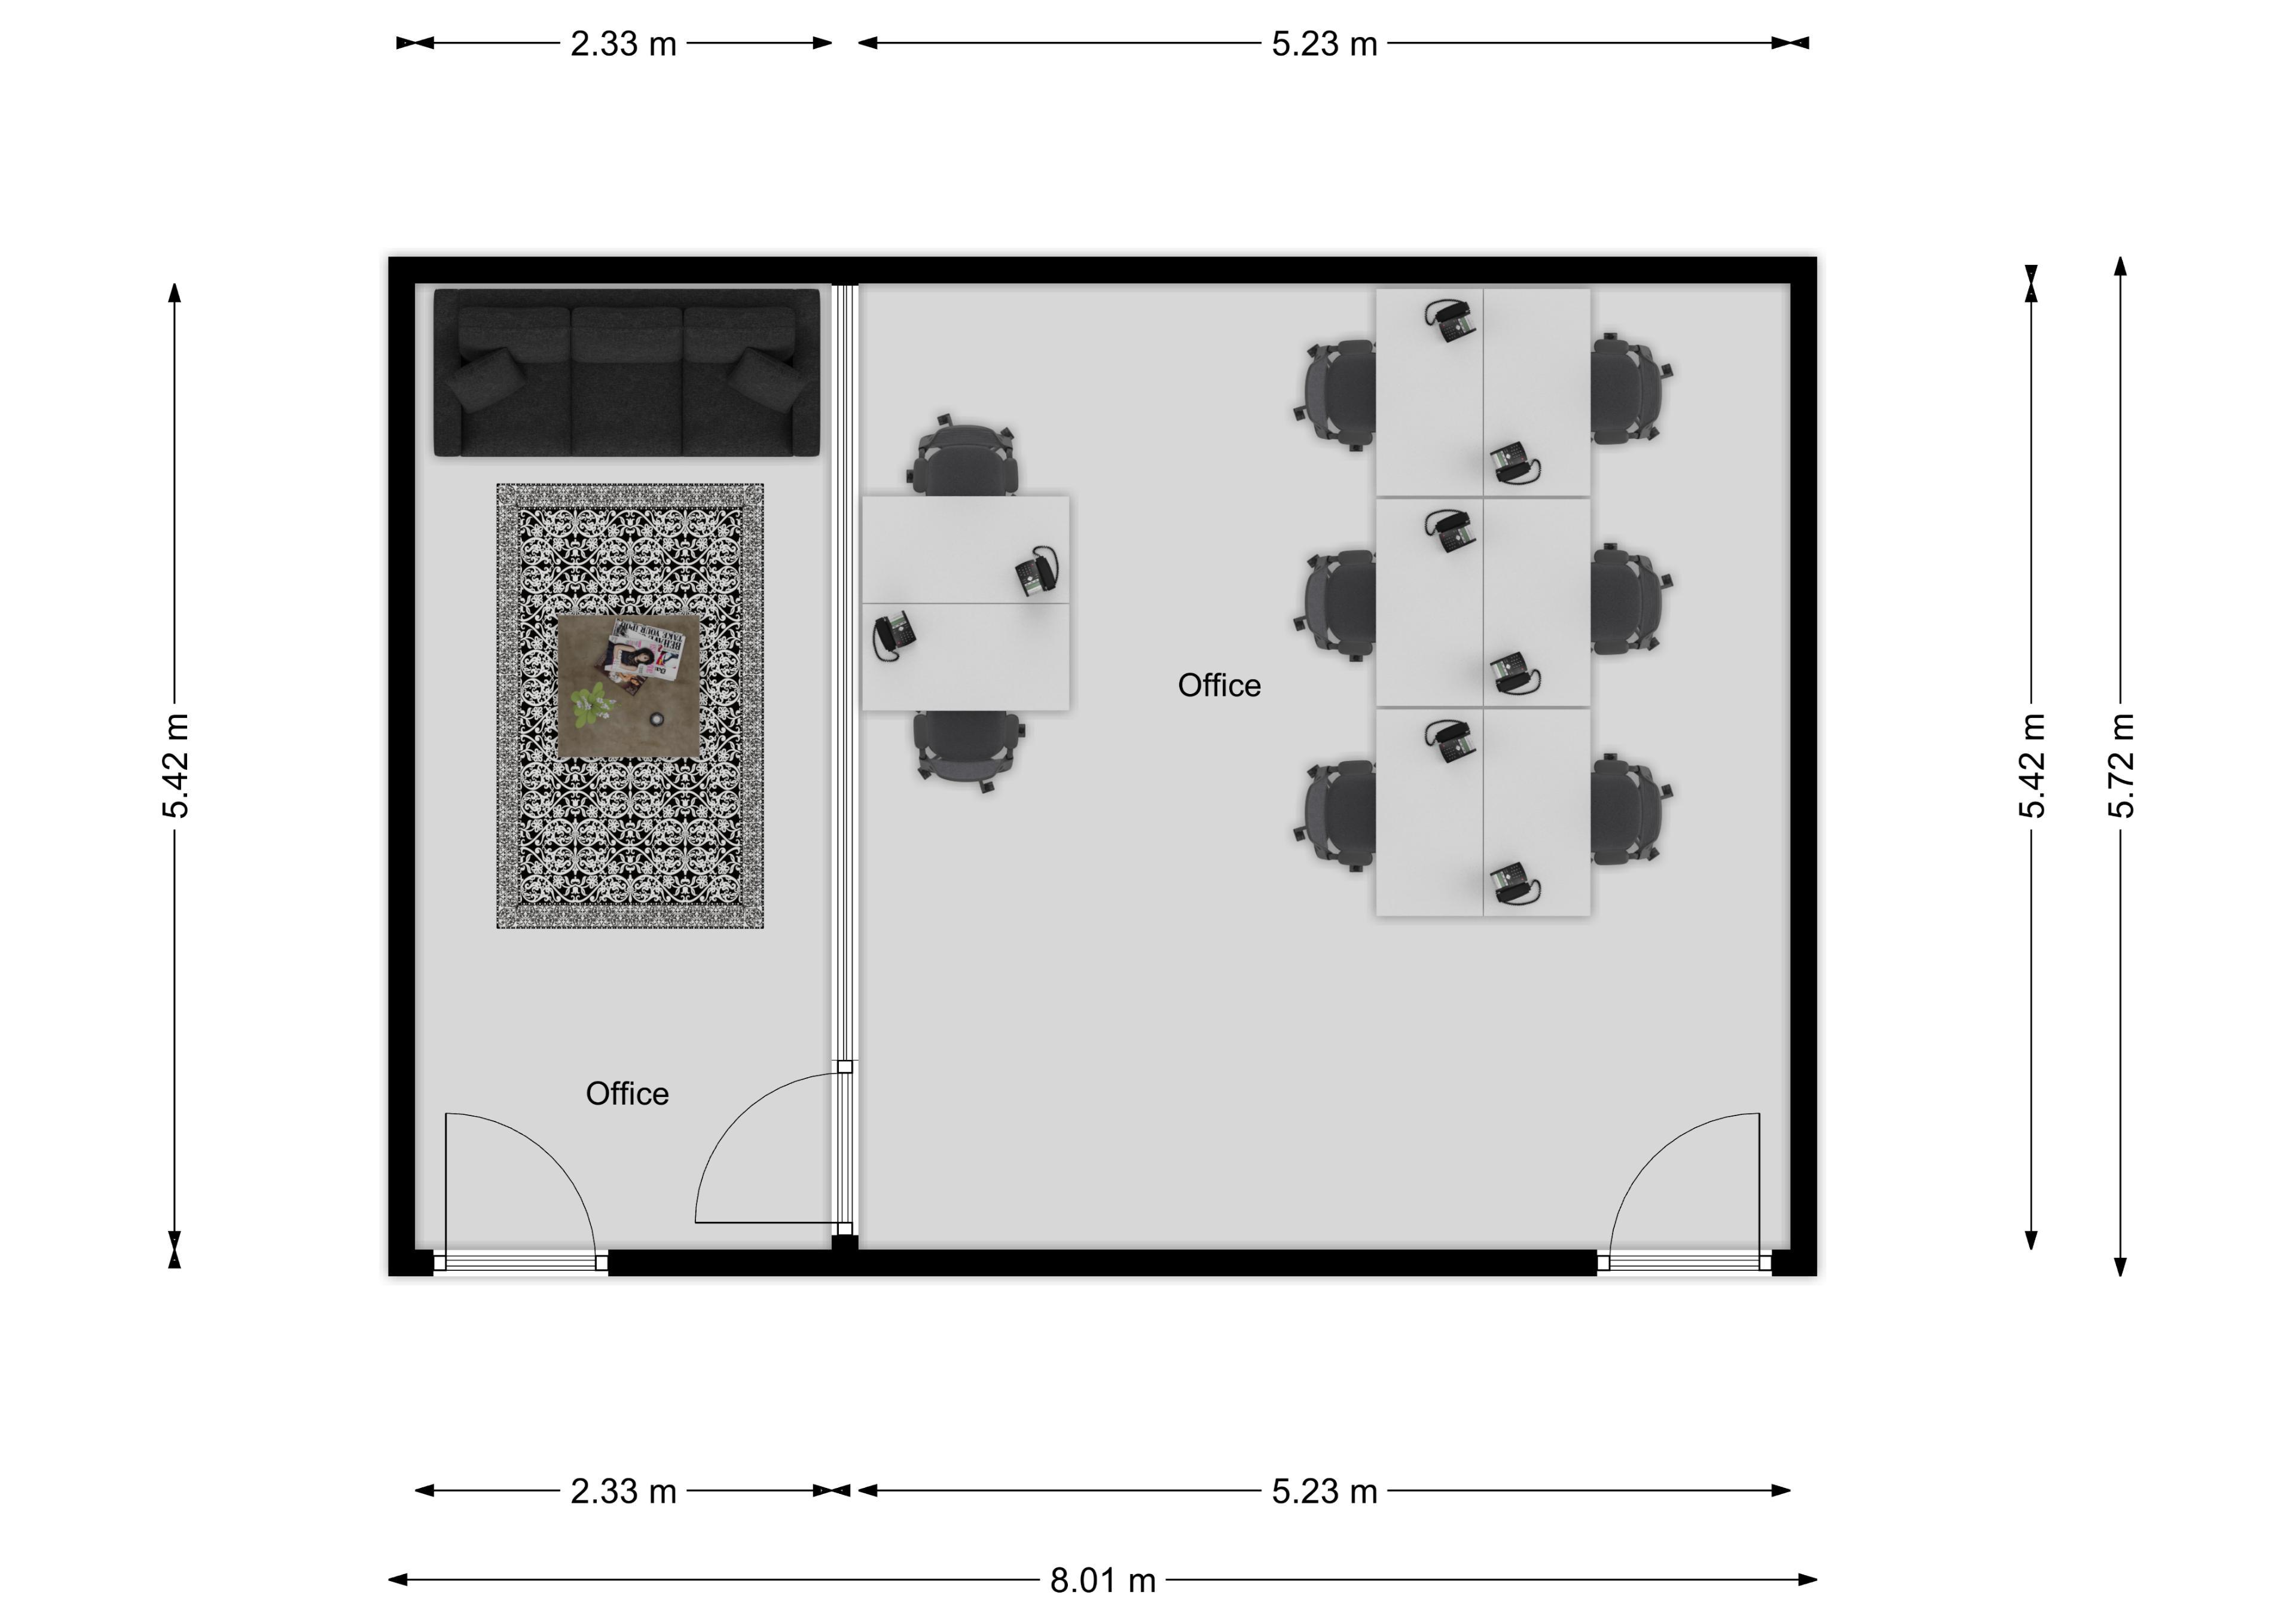 M7 Floorplan (Partitioned)